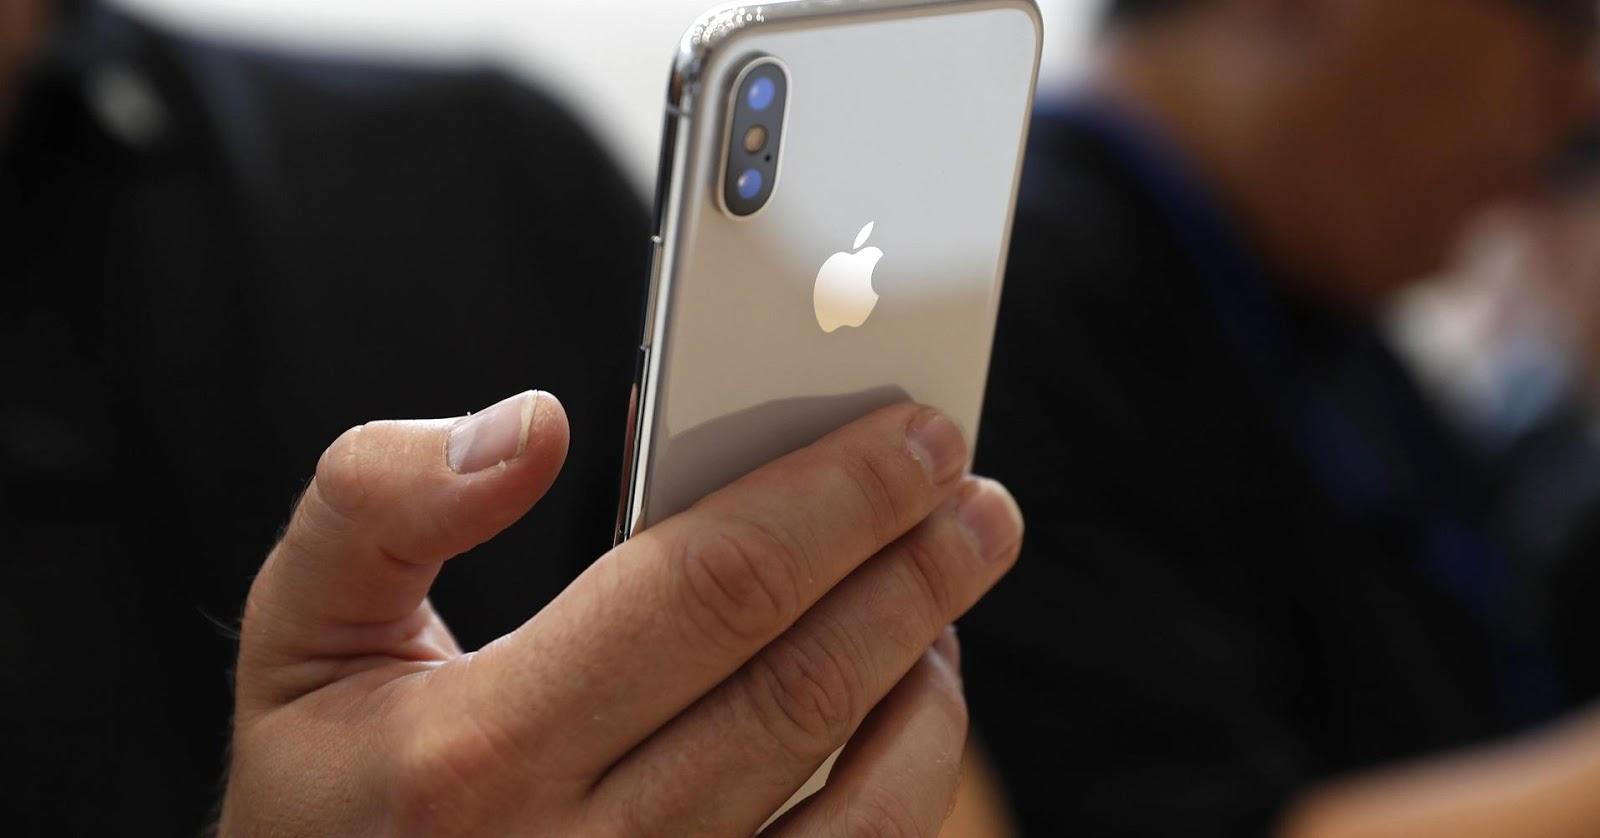 هواتف iPhone المزدوجة الكاميرا متهمة بإنتهاك العديد من براءات الإختراع